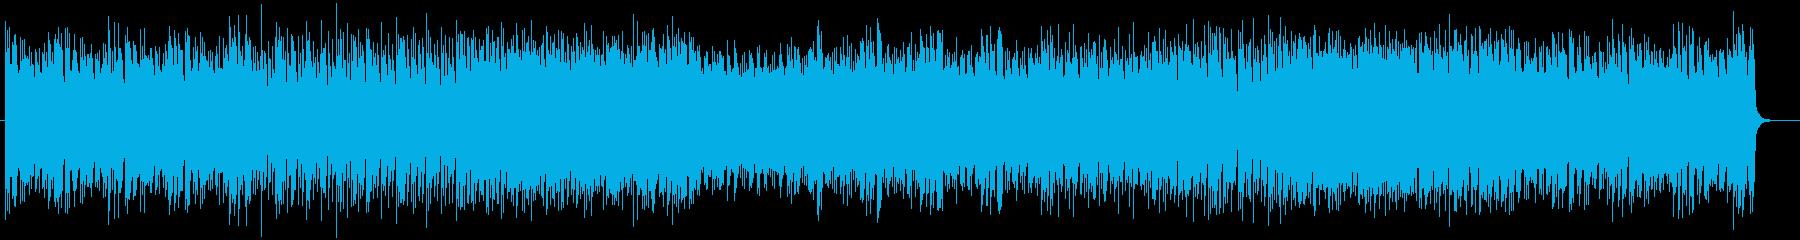 現代的で明るいテクノポップの再生済みの波形